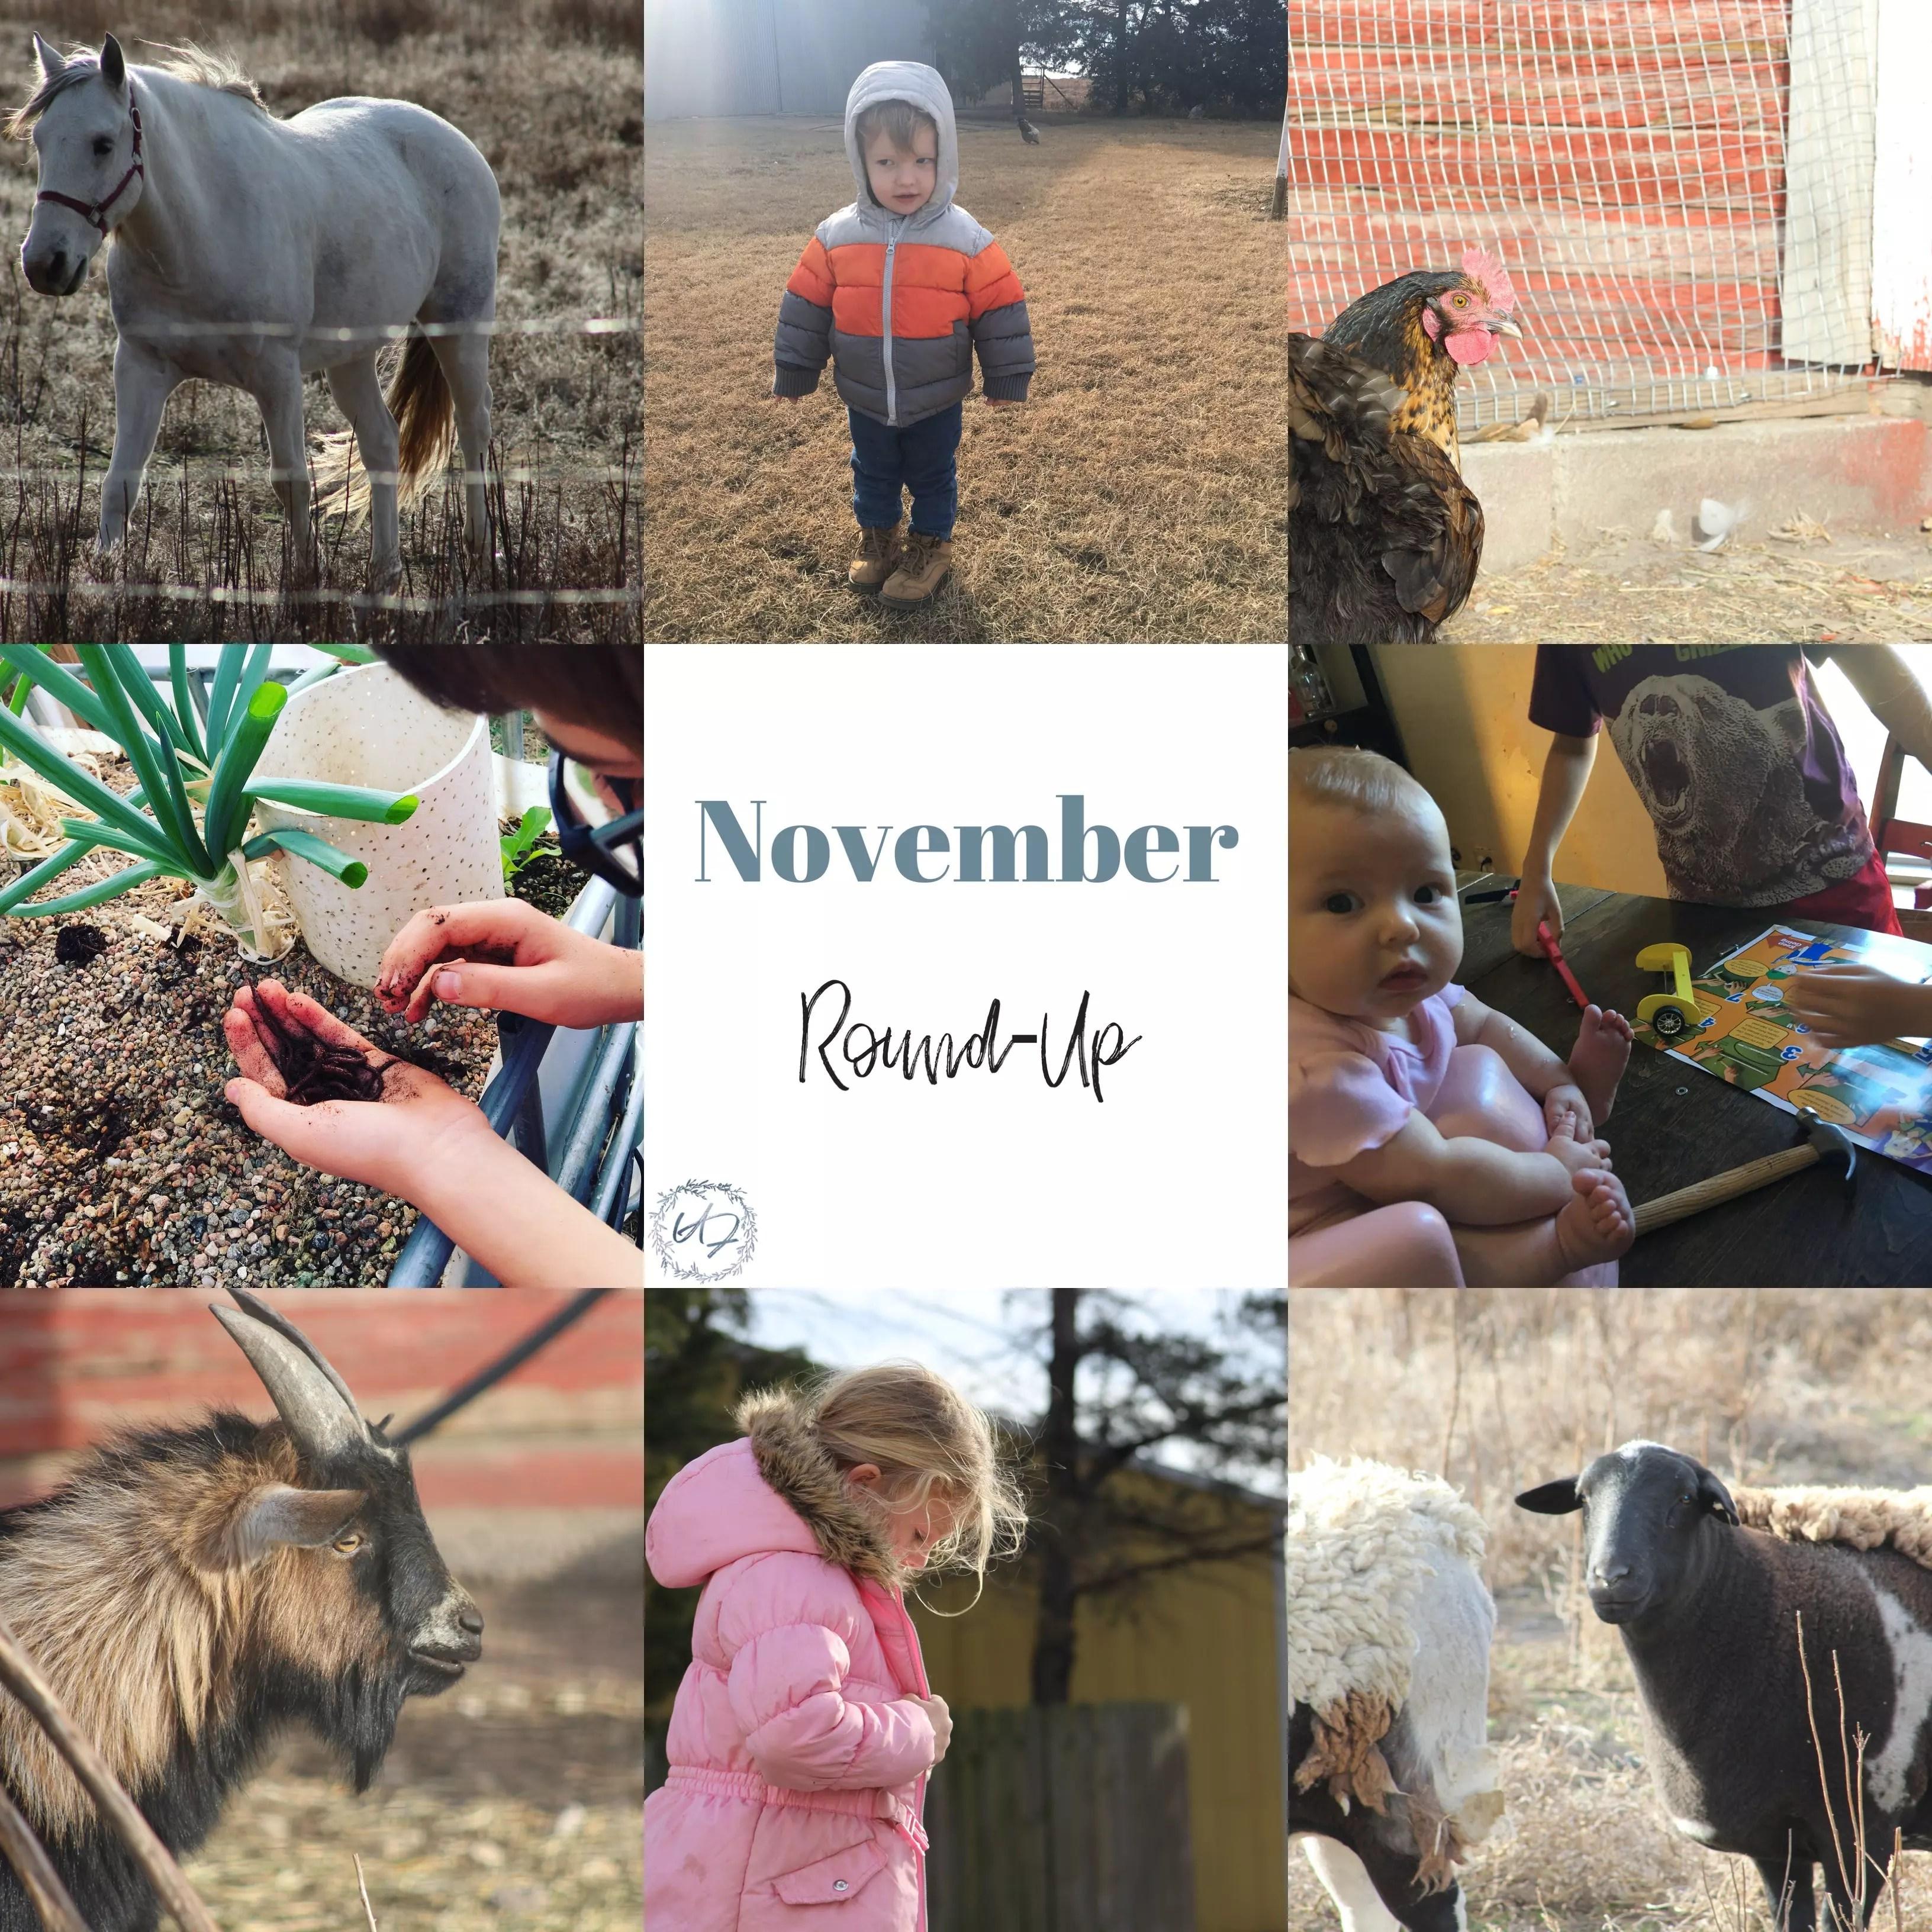 November Round-Up